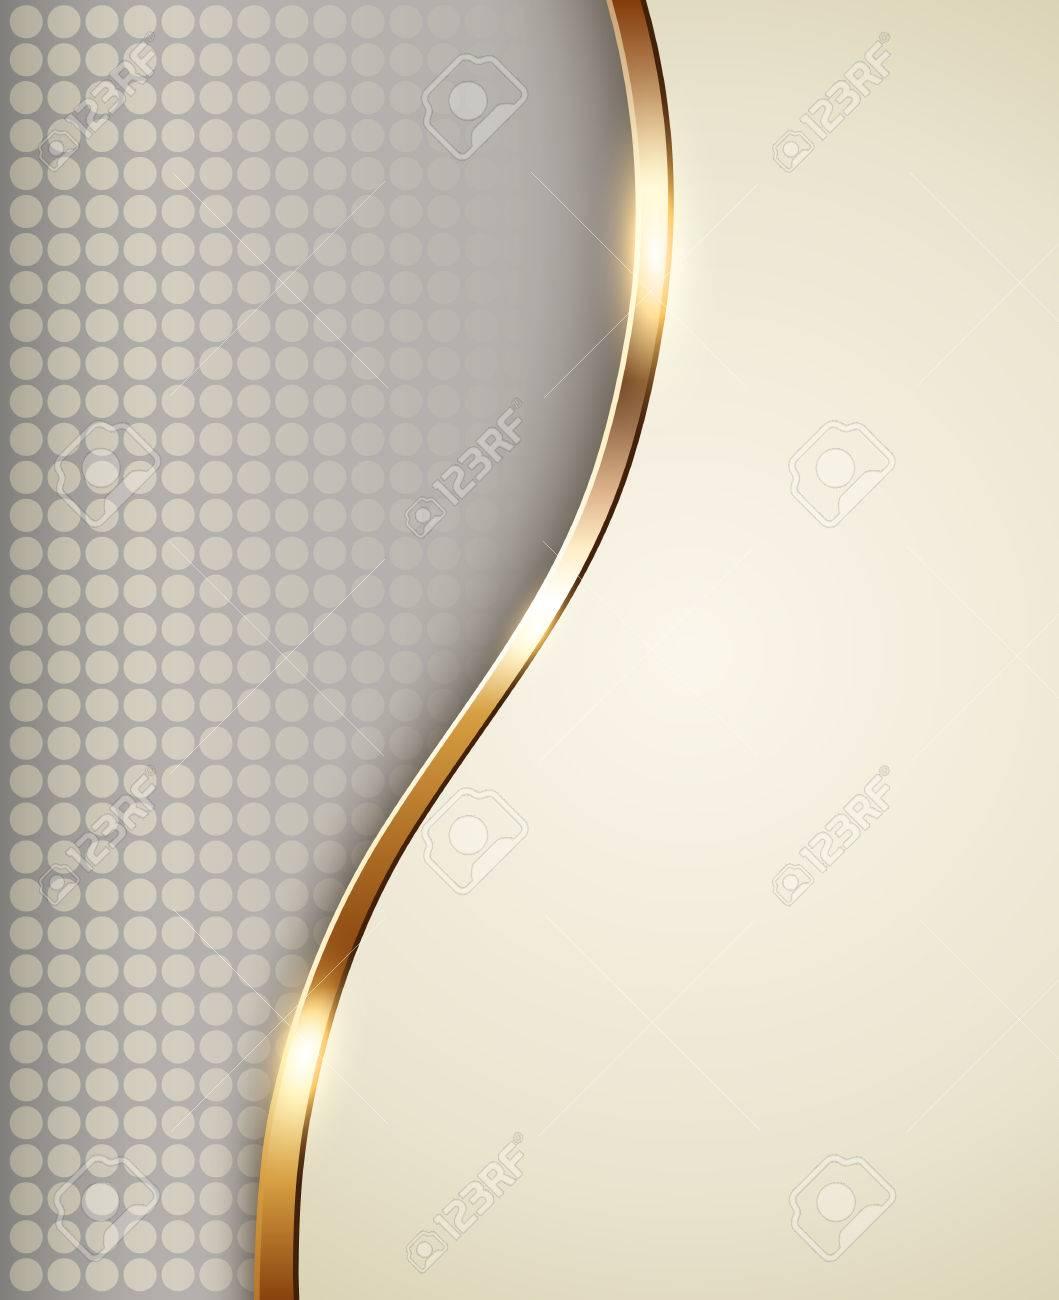 Business background beige - 41550226